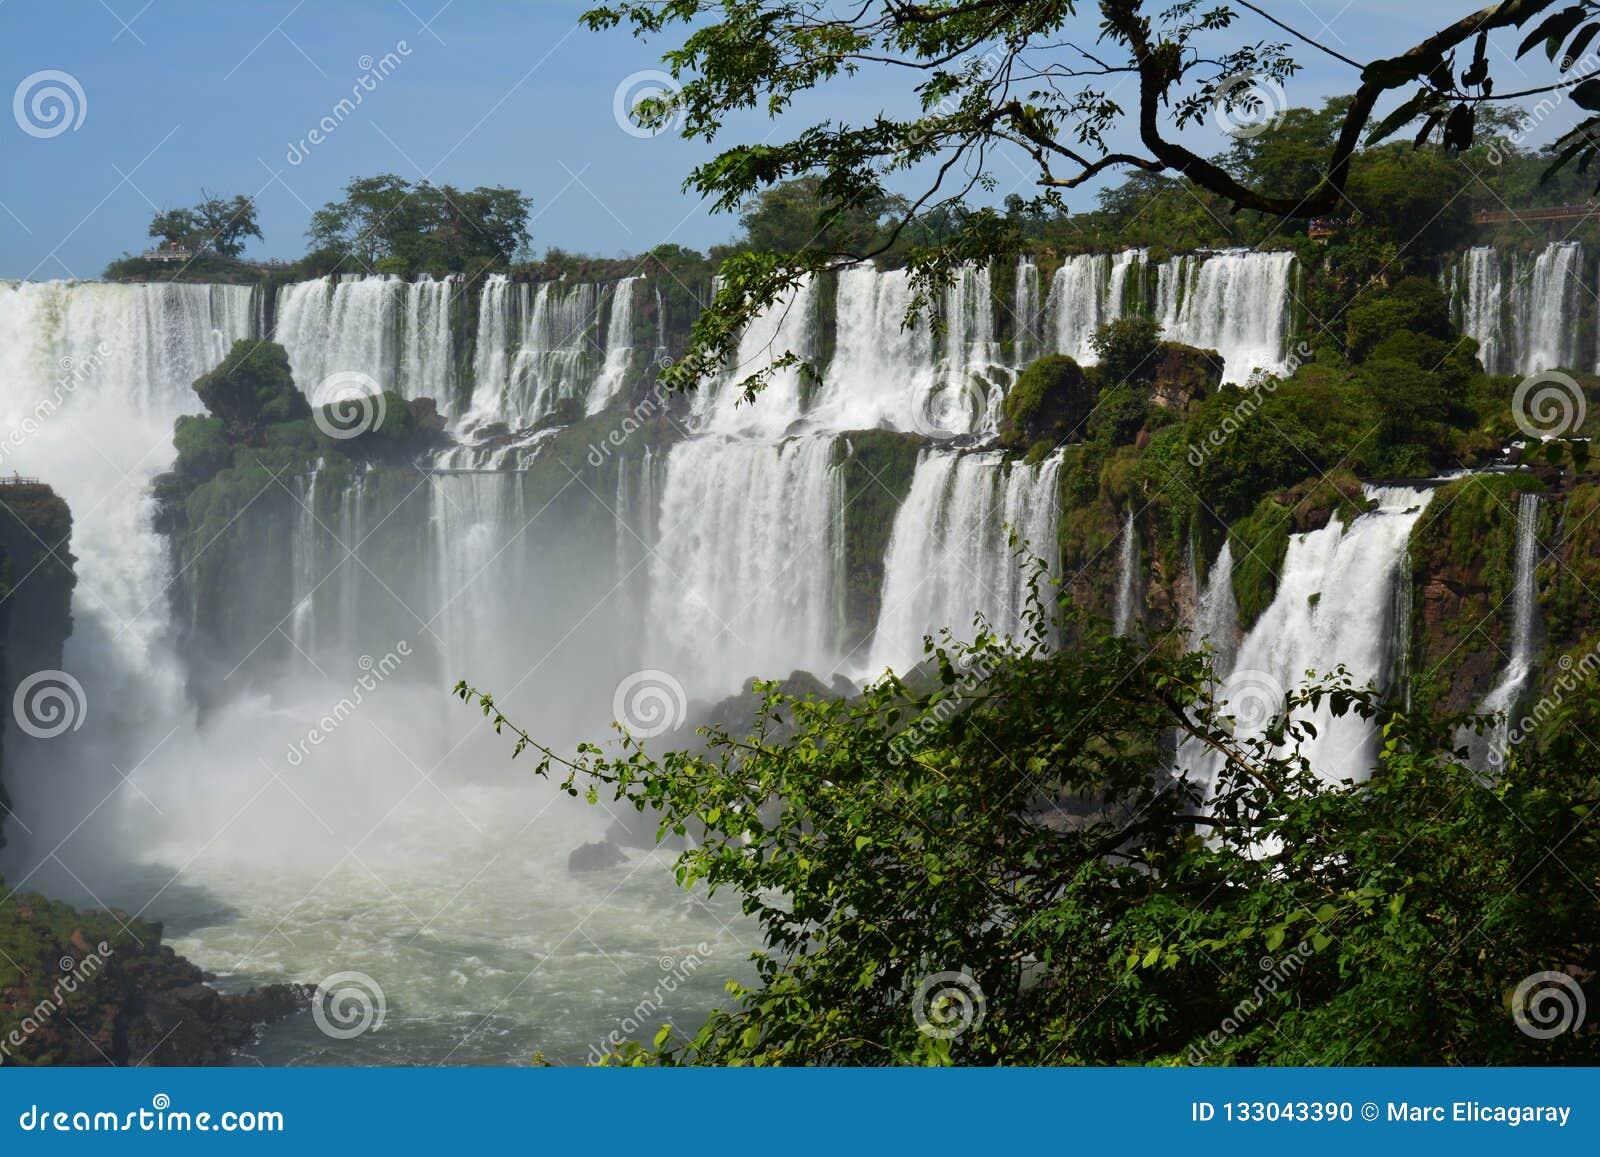 美丽的伊瓜苏瀑布在阿根廷南美洲